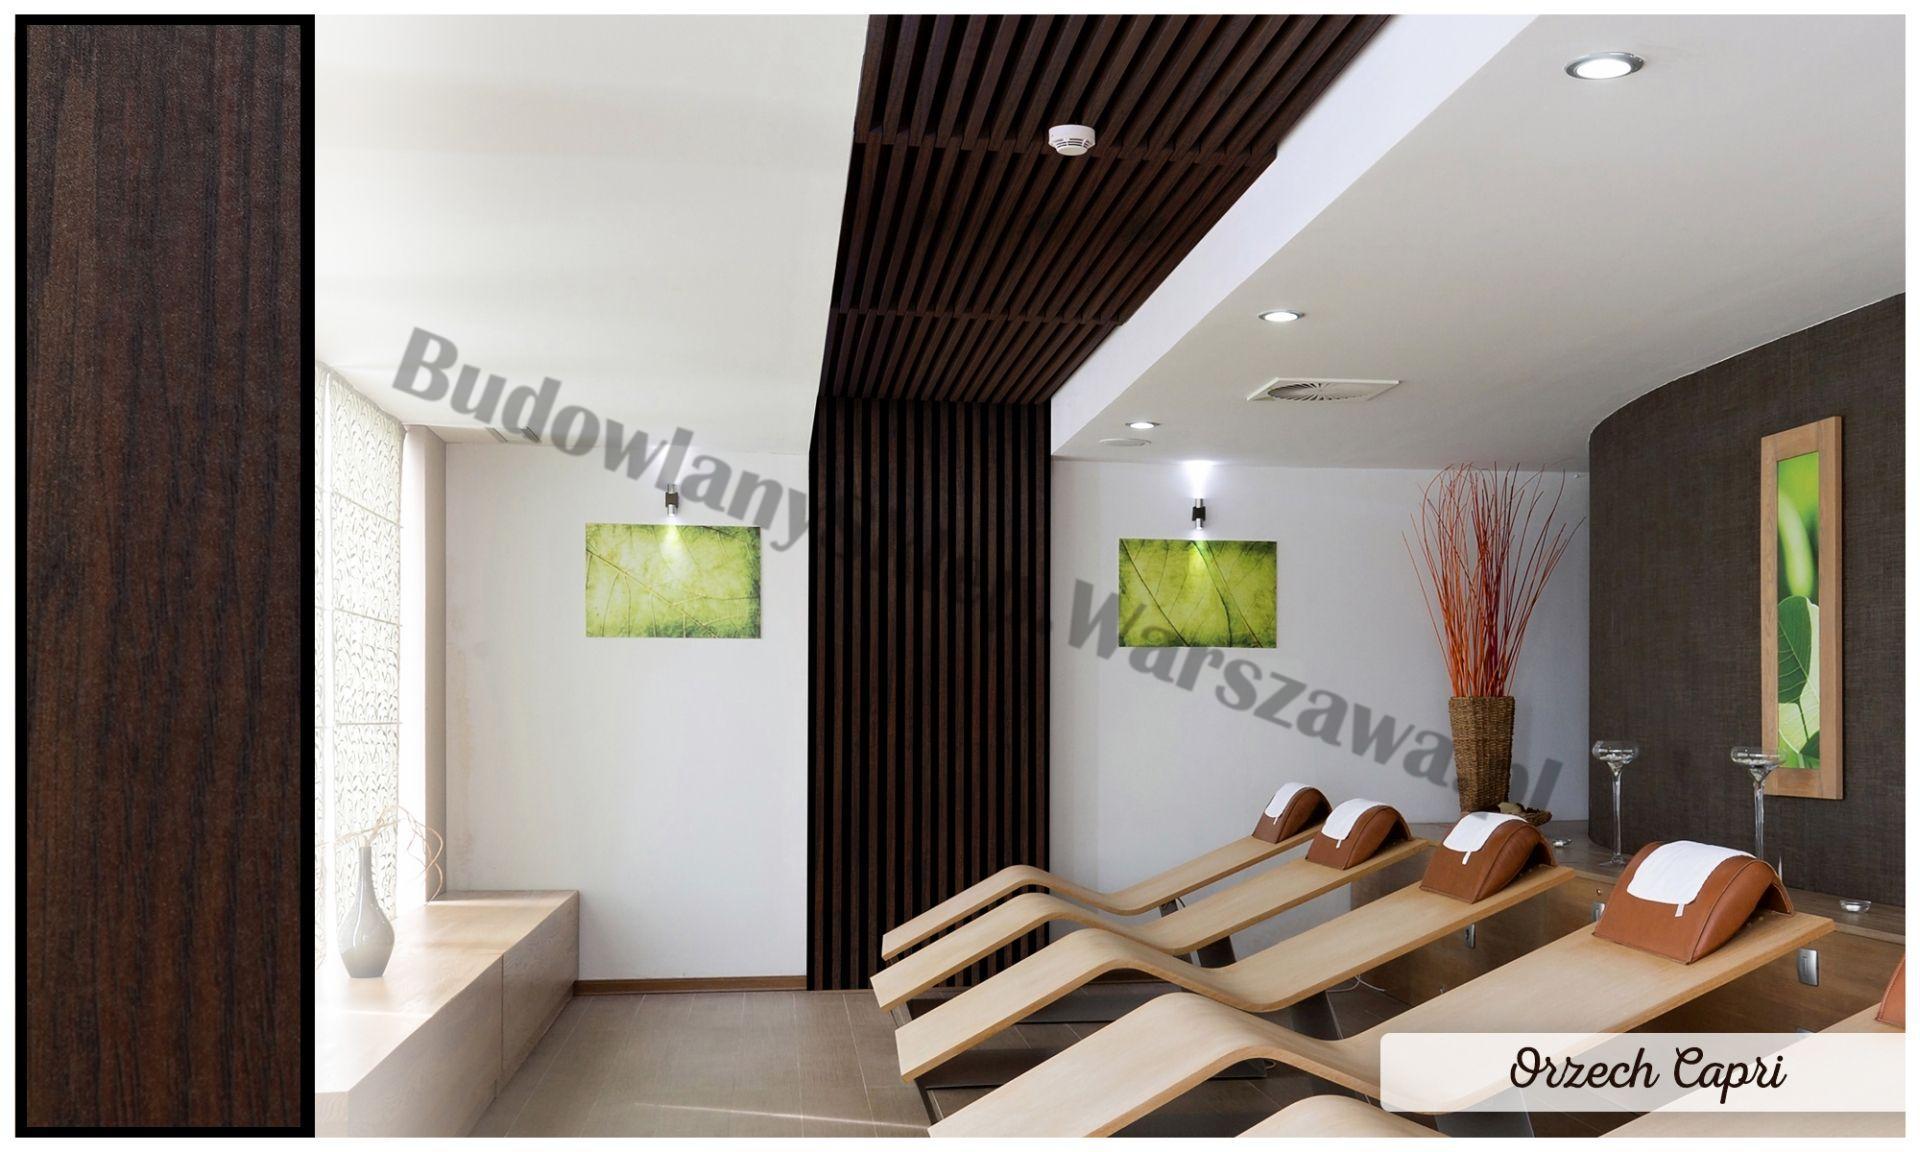 Lamele dekoracyjne panele pionowe listwy 3d ozdobne na ścianę lub sufit 2,8m kolor LM014 DĄB SANTANA